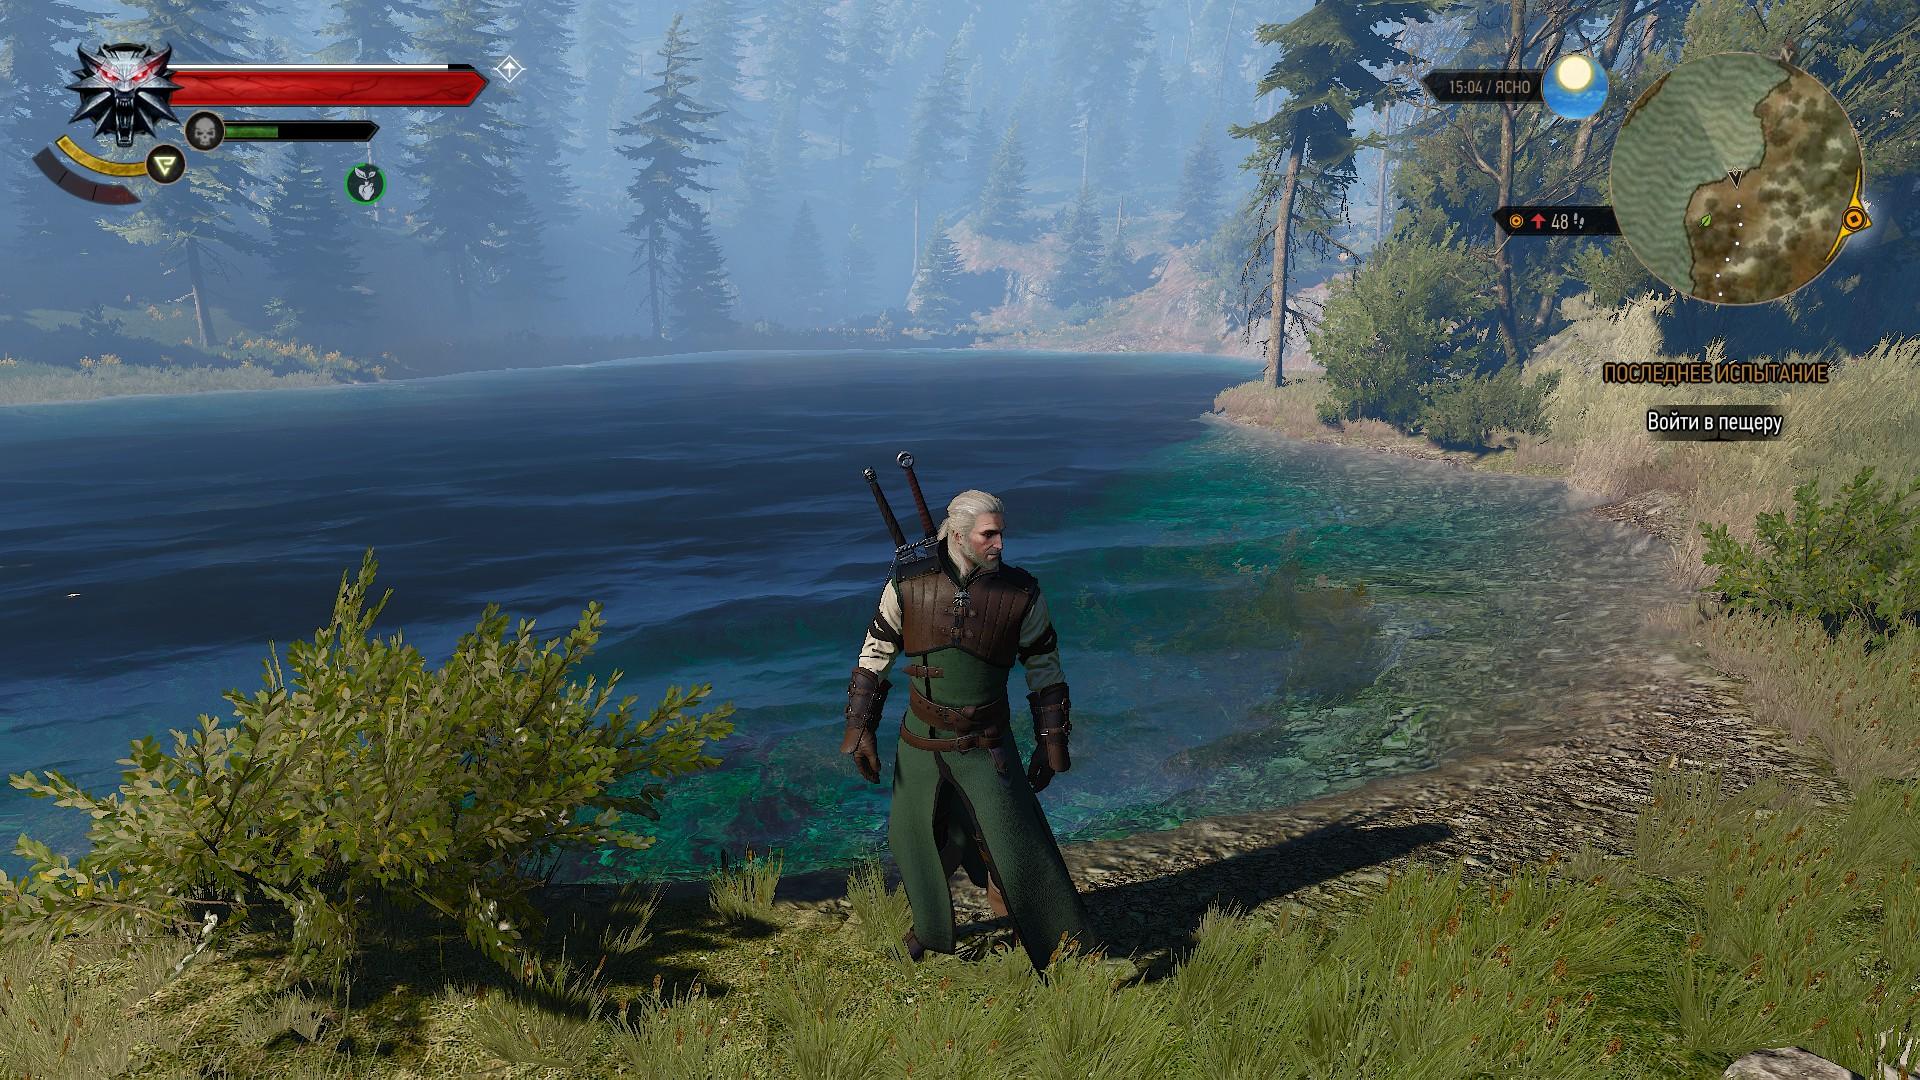 20170408142413_1.jpg - Witcher 3: Wild Hunt, the